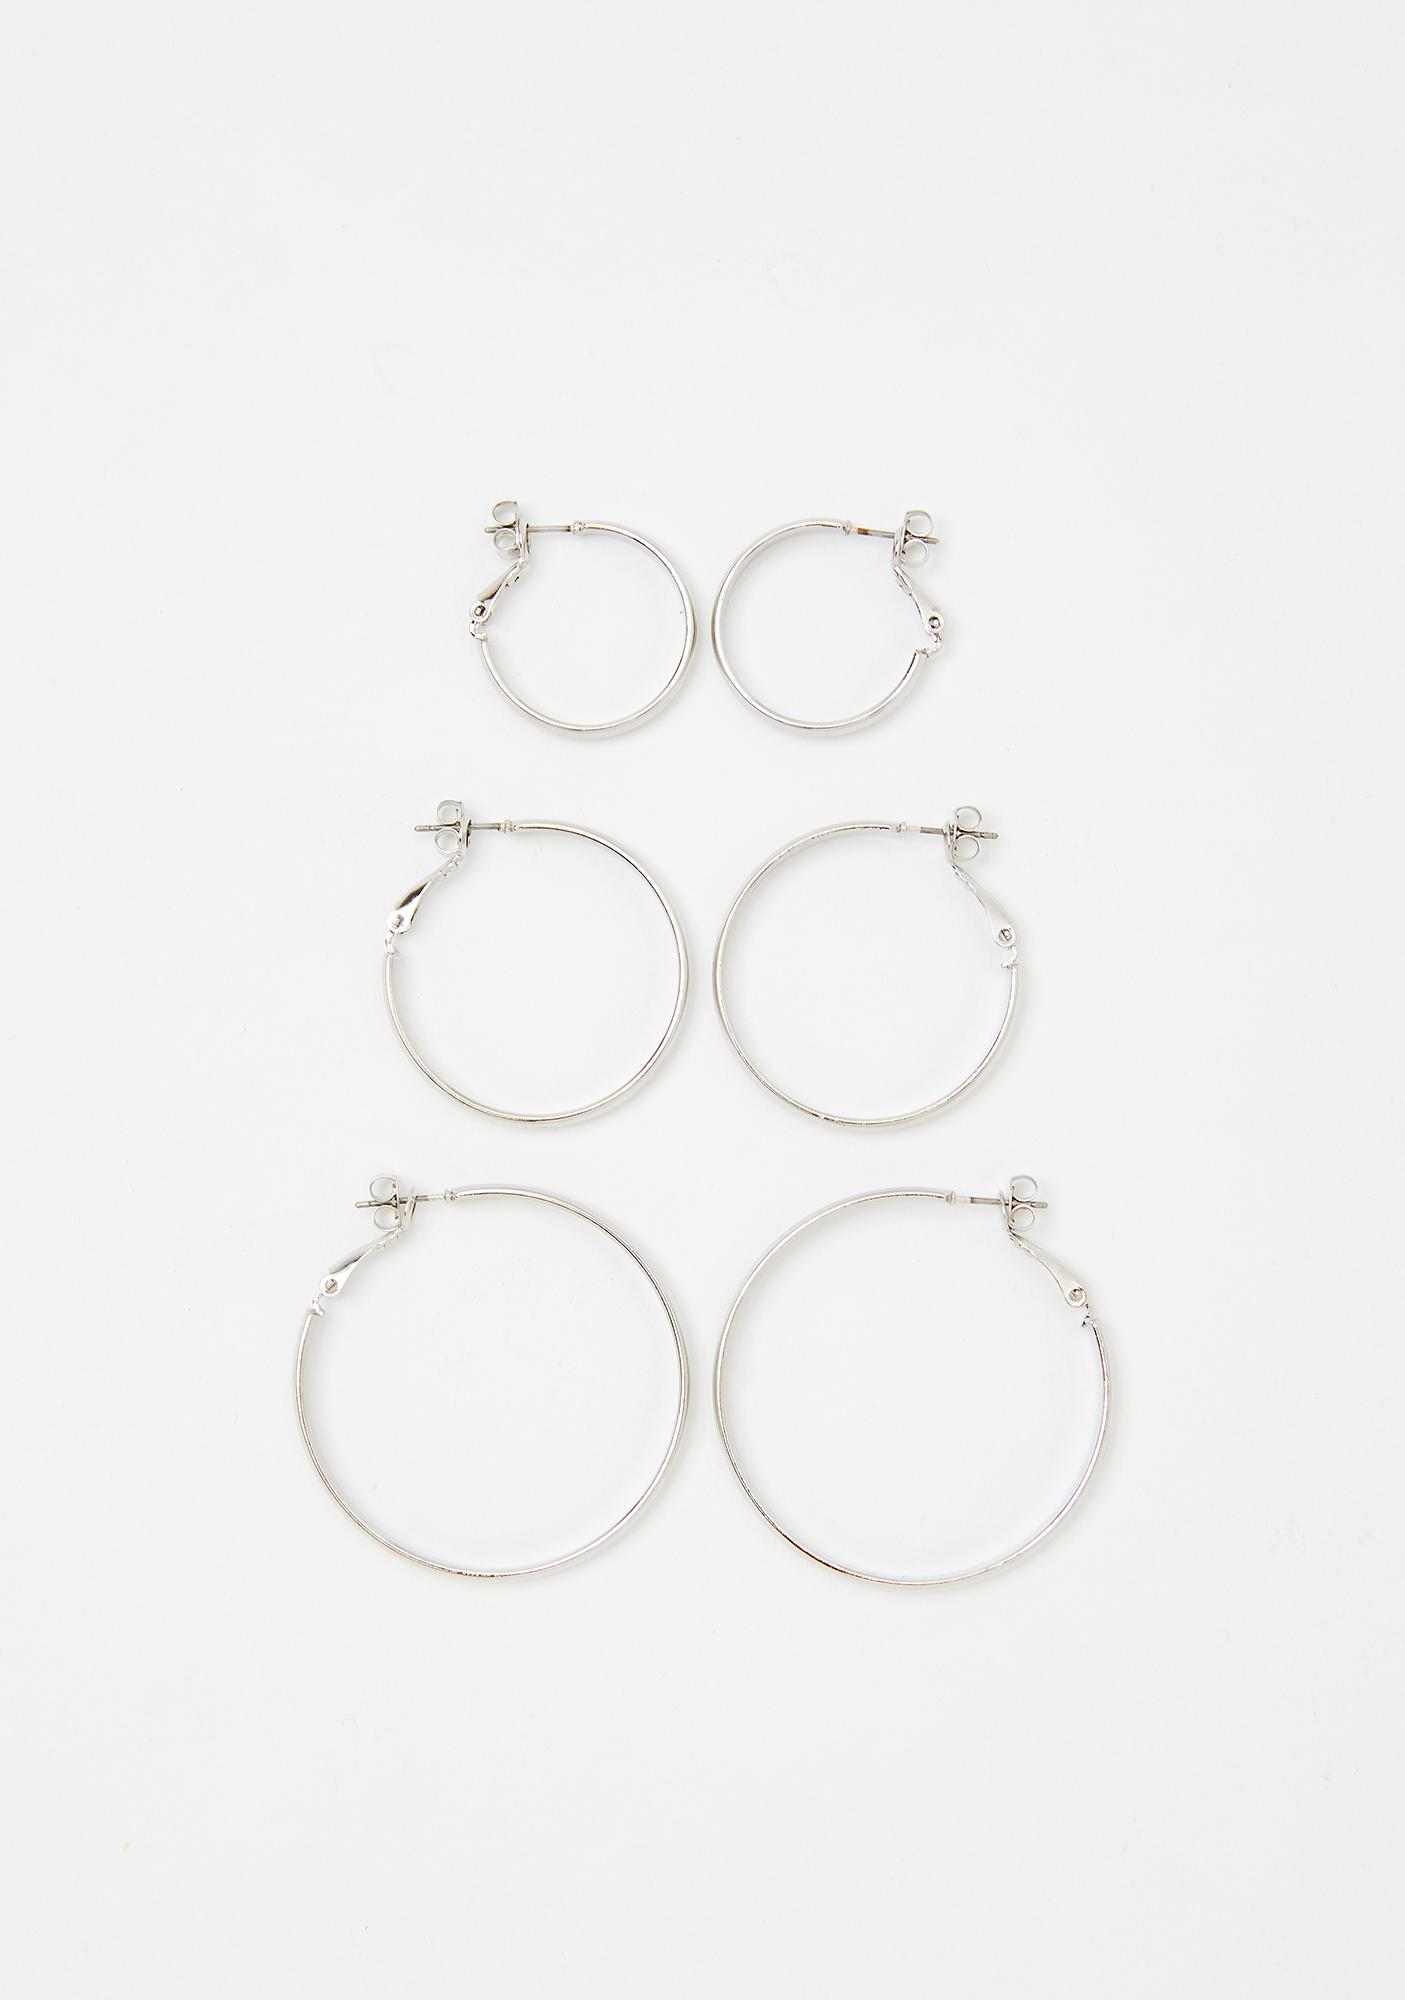 Loop Me In Earring Set